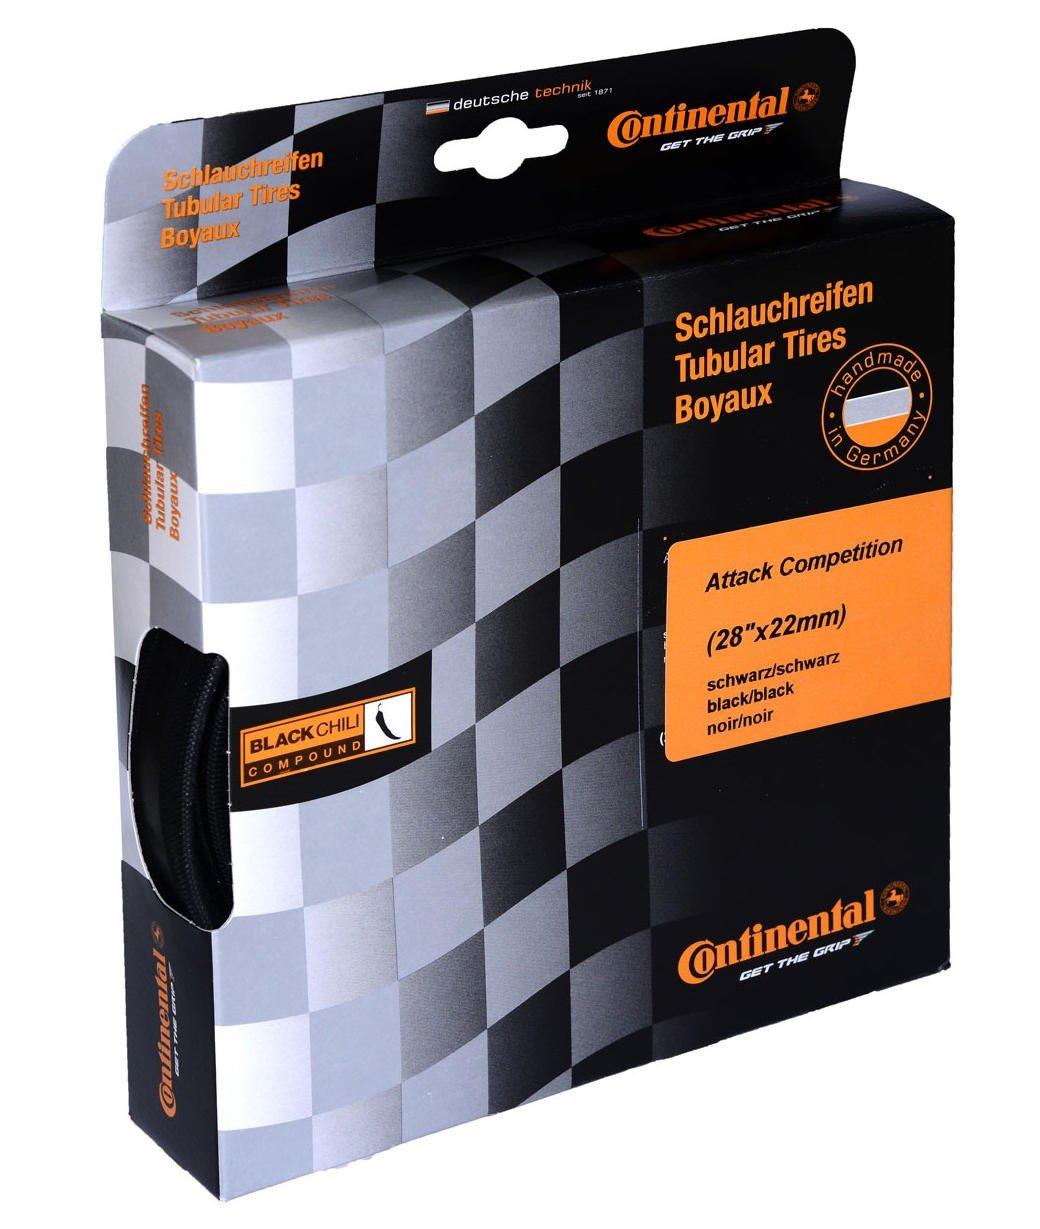 Continental Attack Compフロントチューブラーロード自転車タイヤ B009WPYCFSBlack/Black Skin ブラック/28×22C